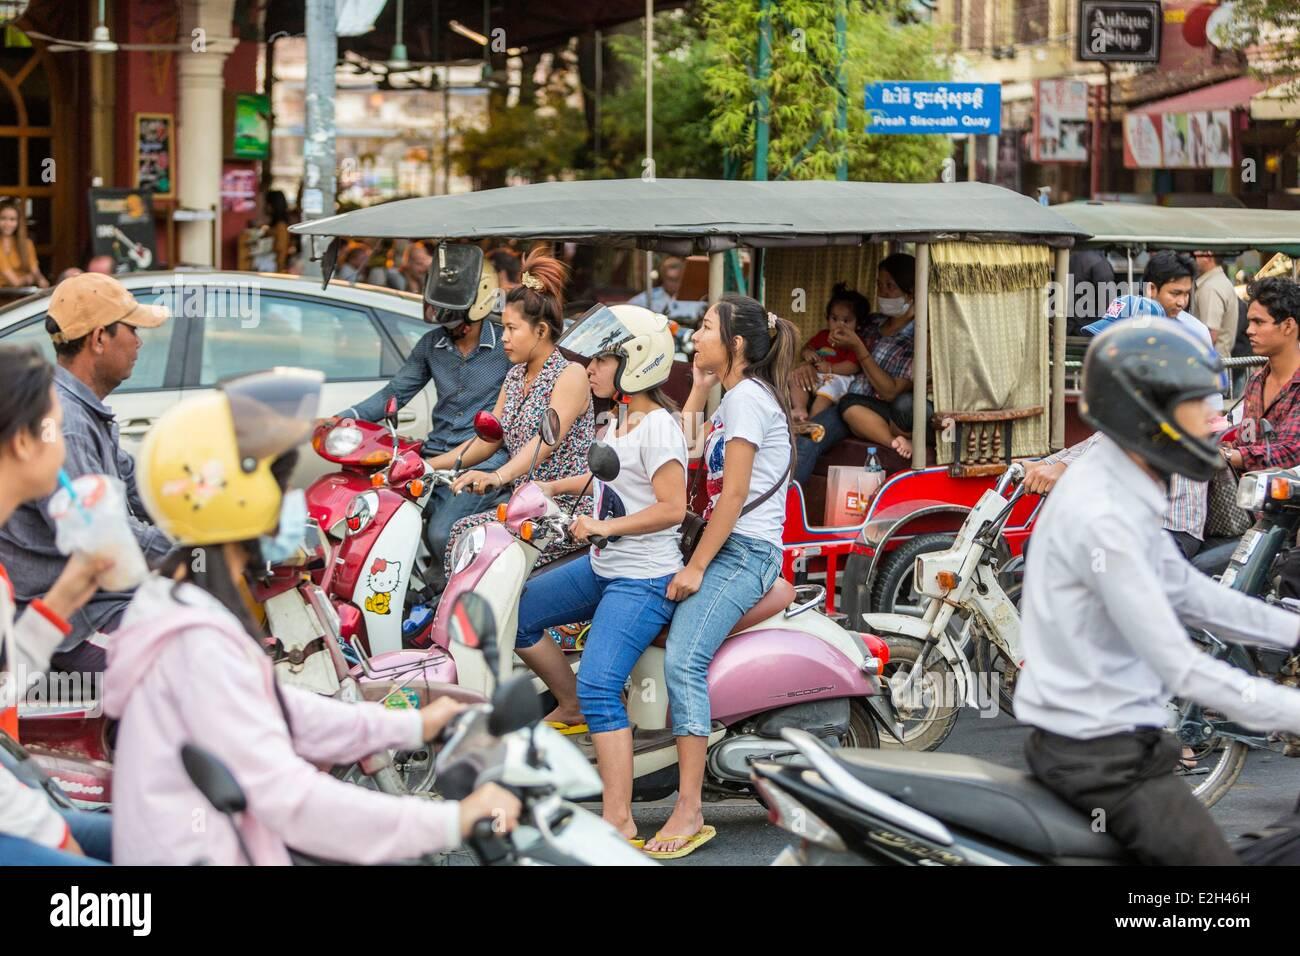 Cambodge Phnom Penh trafic sur Sisowath Quay en face de la rivière Tonle Sap Photo Stock